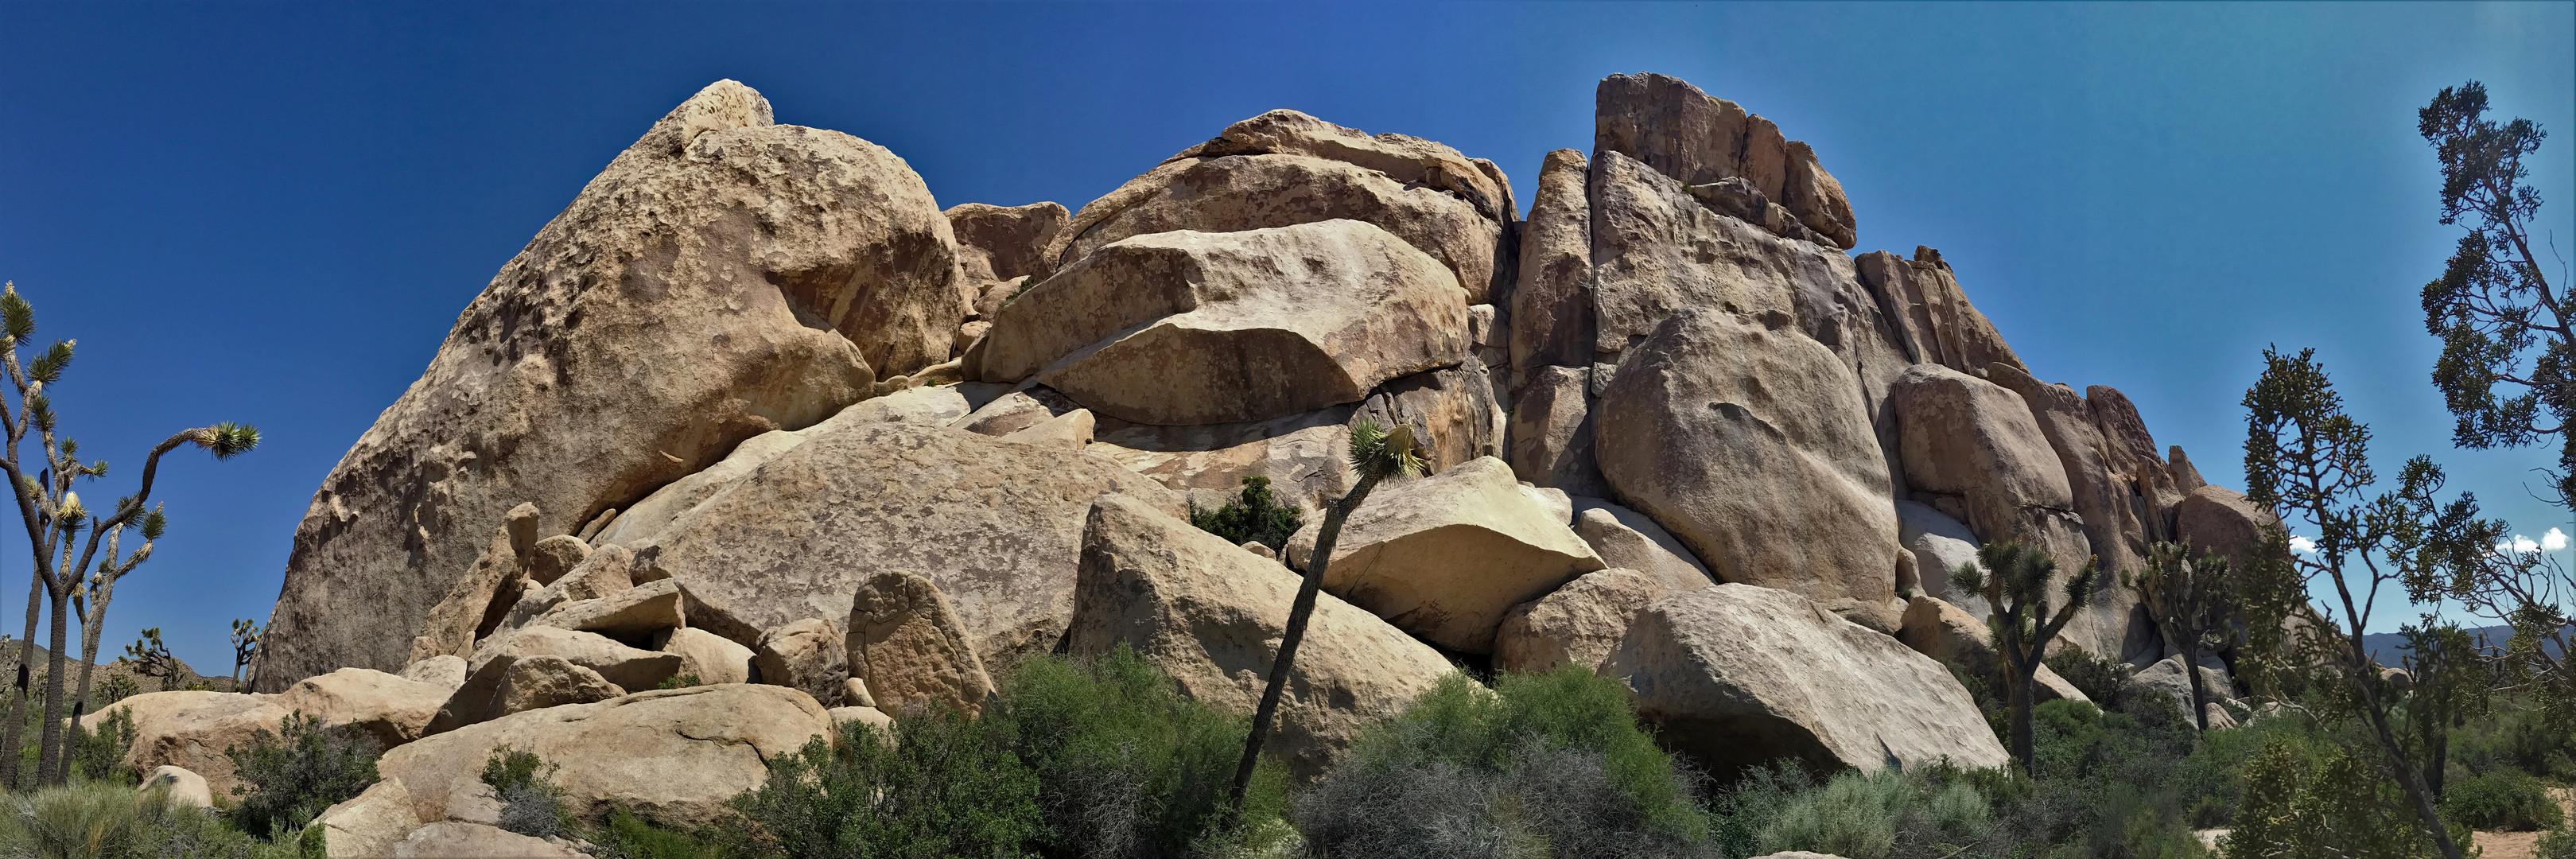 Large Boulder 3 12x36.jpg